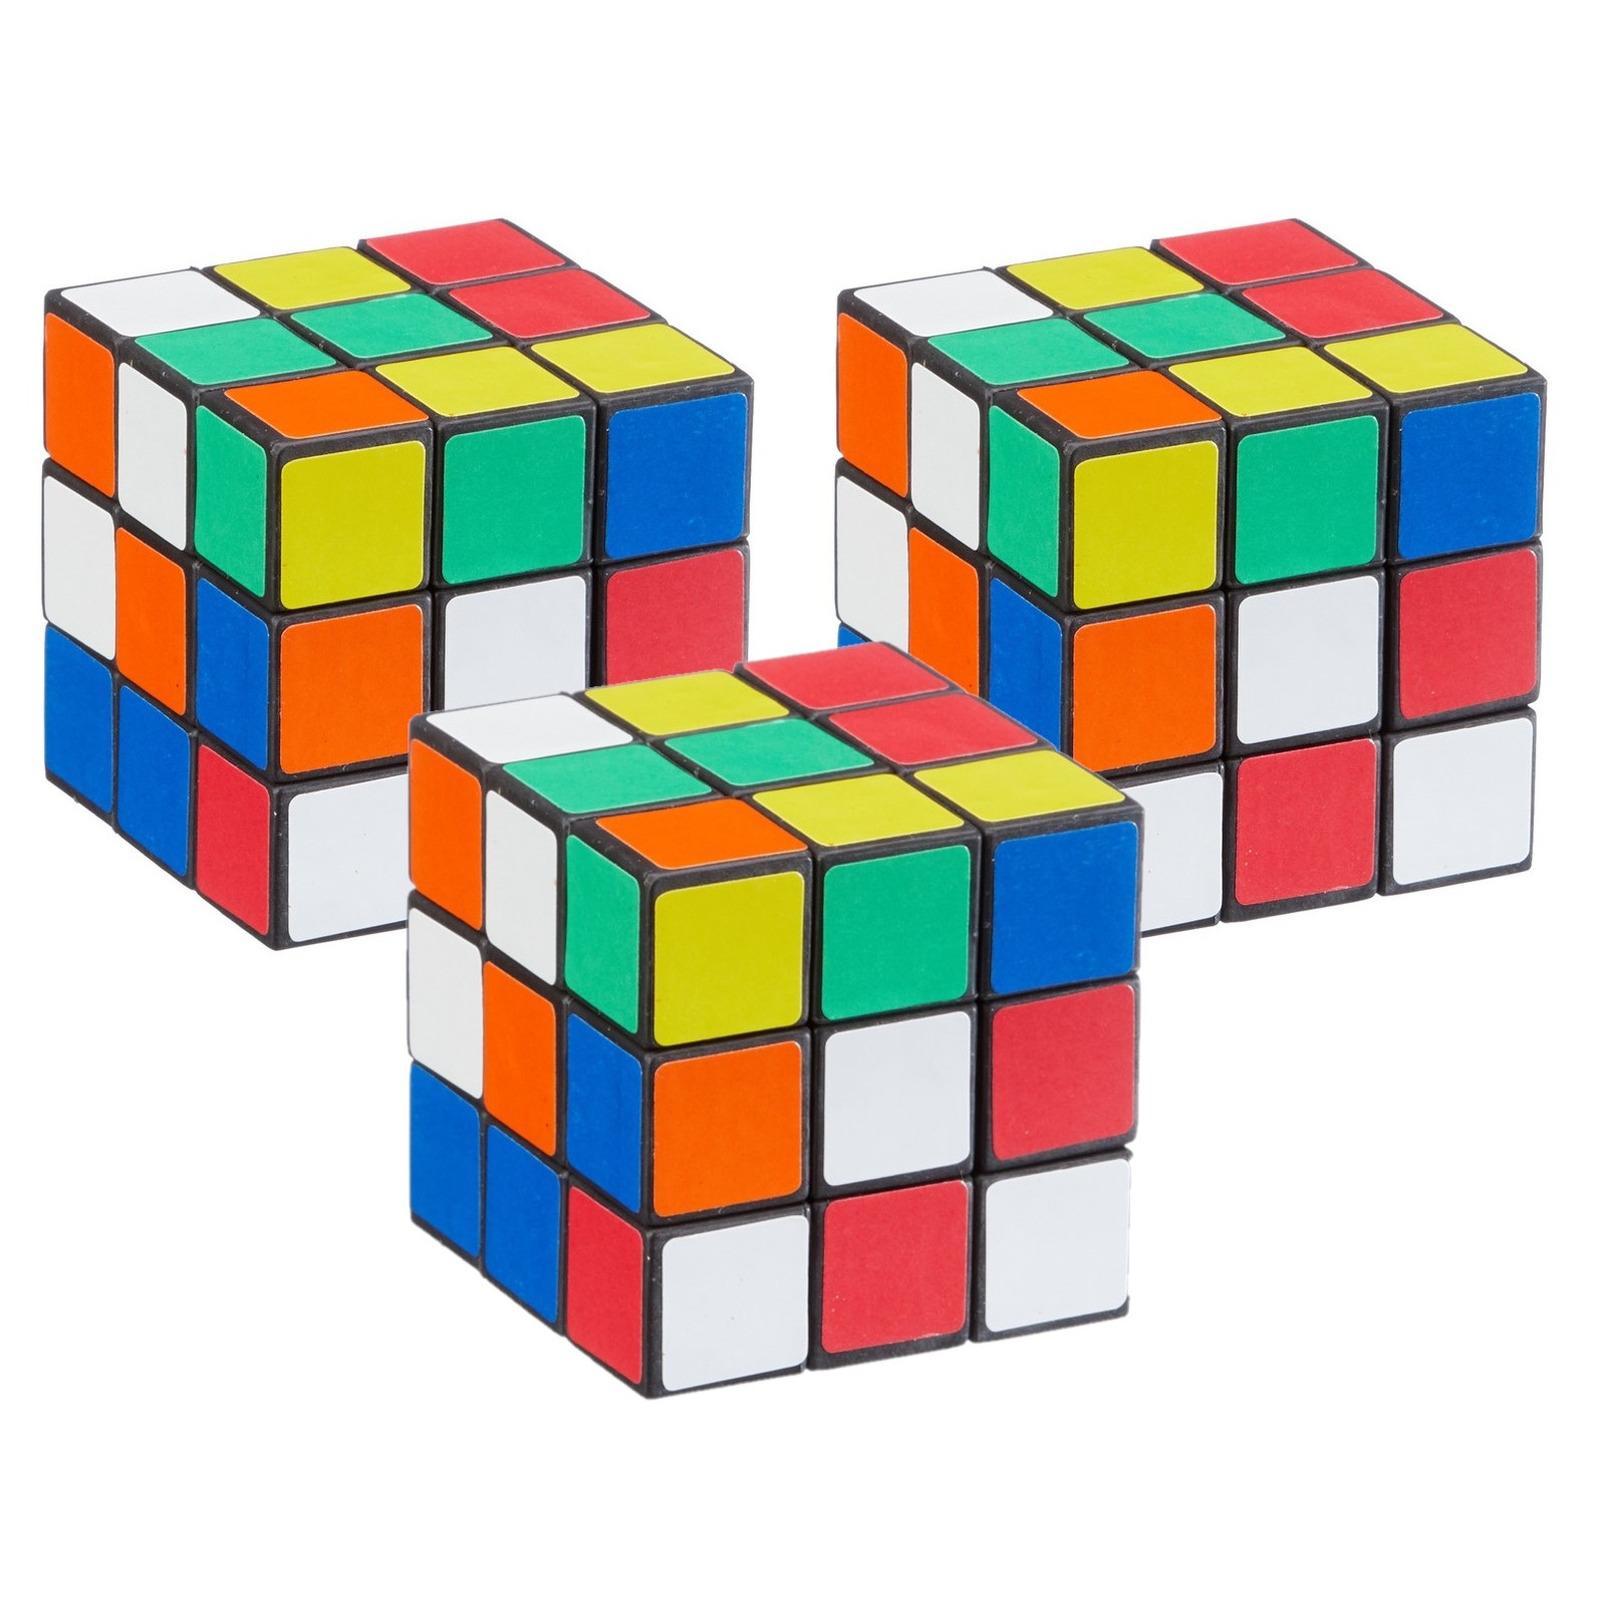 Pakket van 10x stuks kubus puzzels behendigheid spelletjes 6 cm